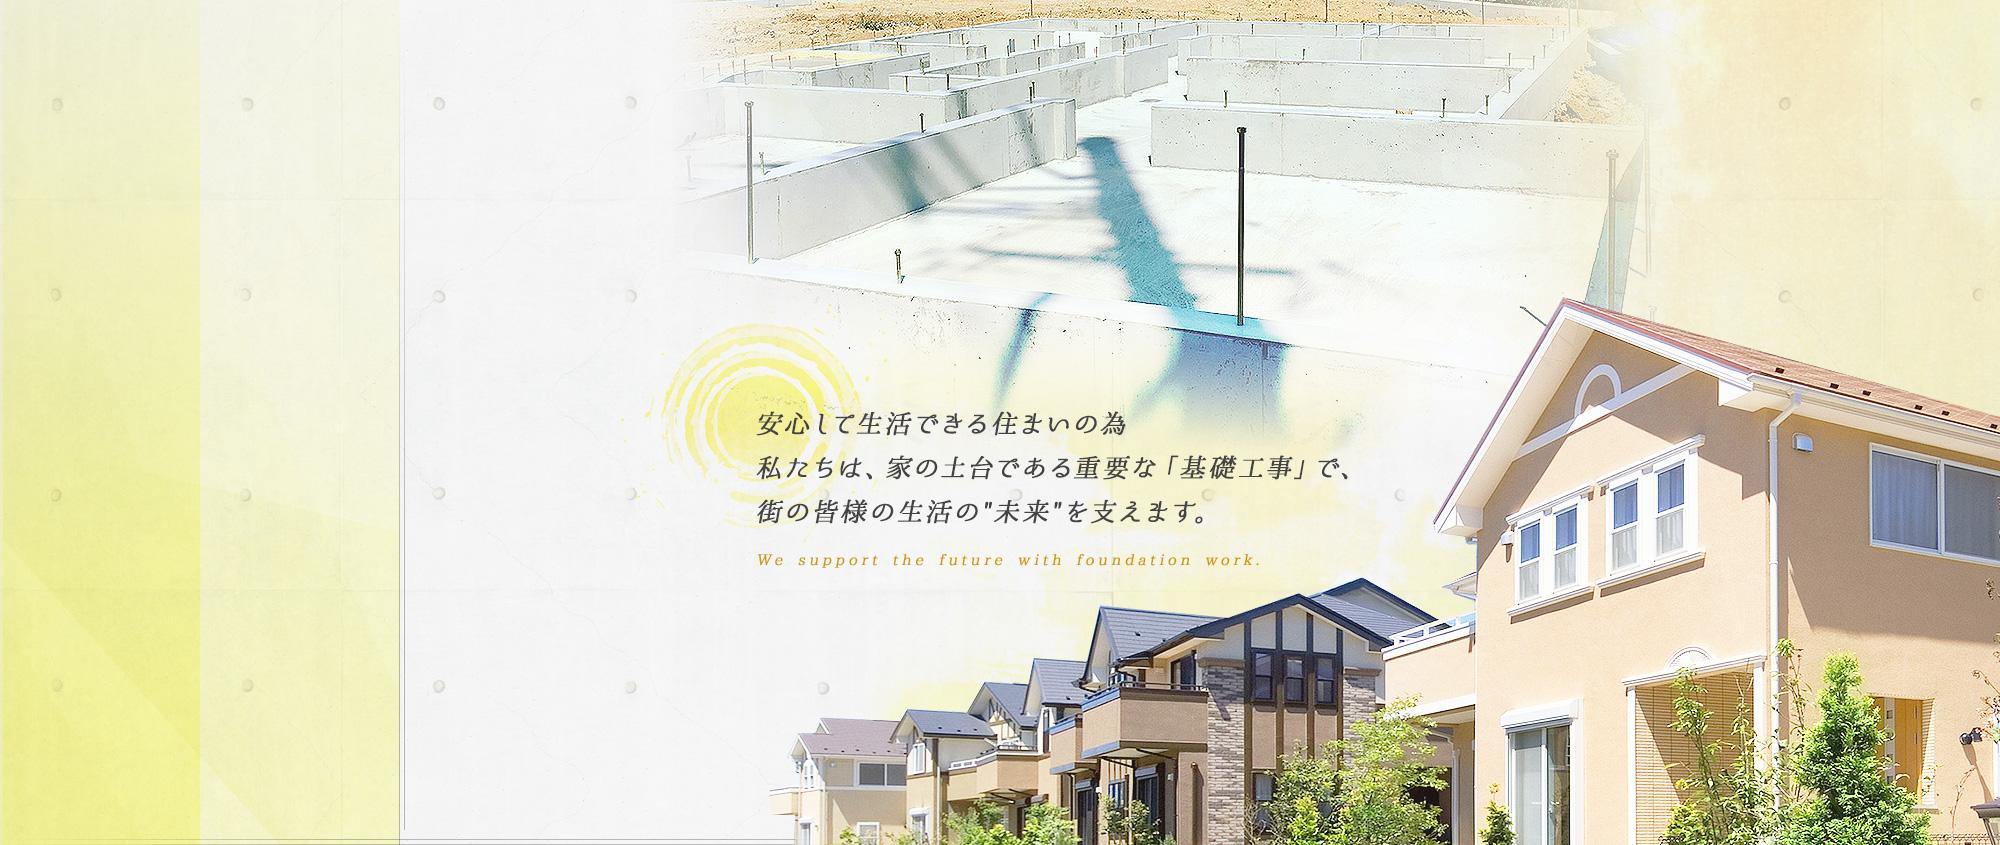 安心して生活できる住まいの為 私たちは、家の土台である重要な「基礎工事」で、 街の皆様の生活の